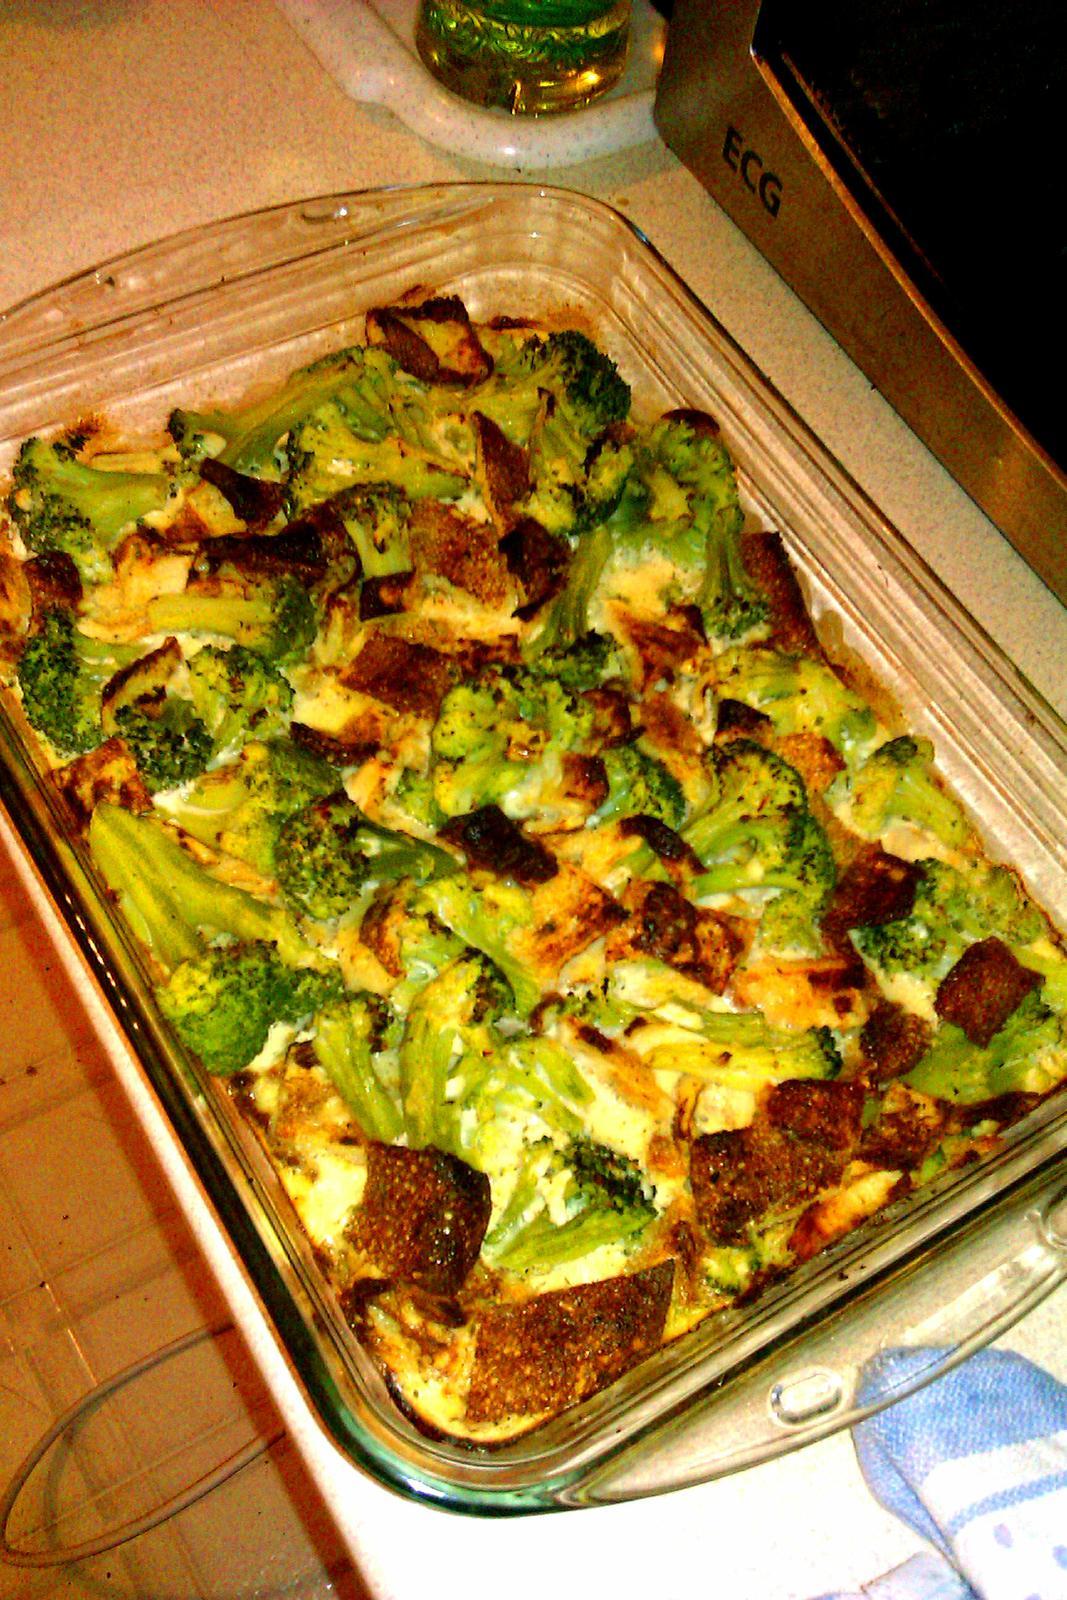 zapekana brokolica BZ den,... - Obrázok č. 1